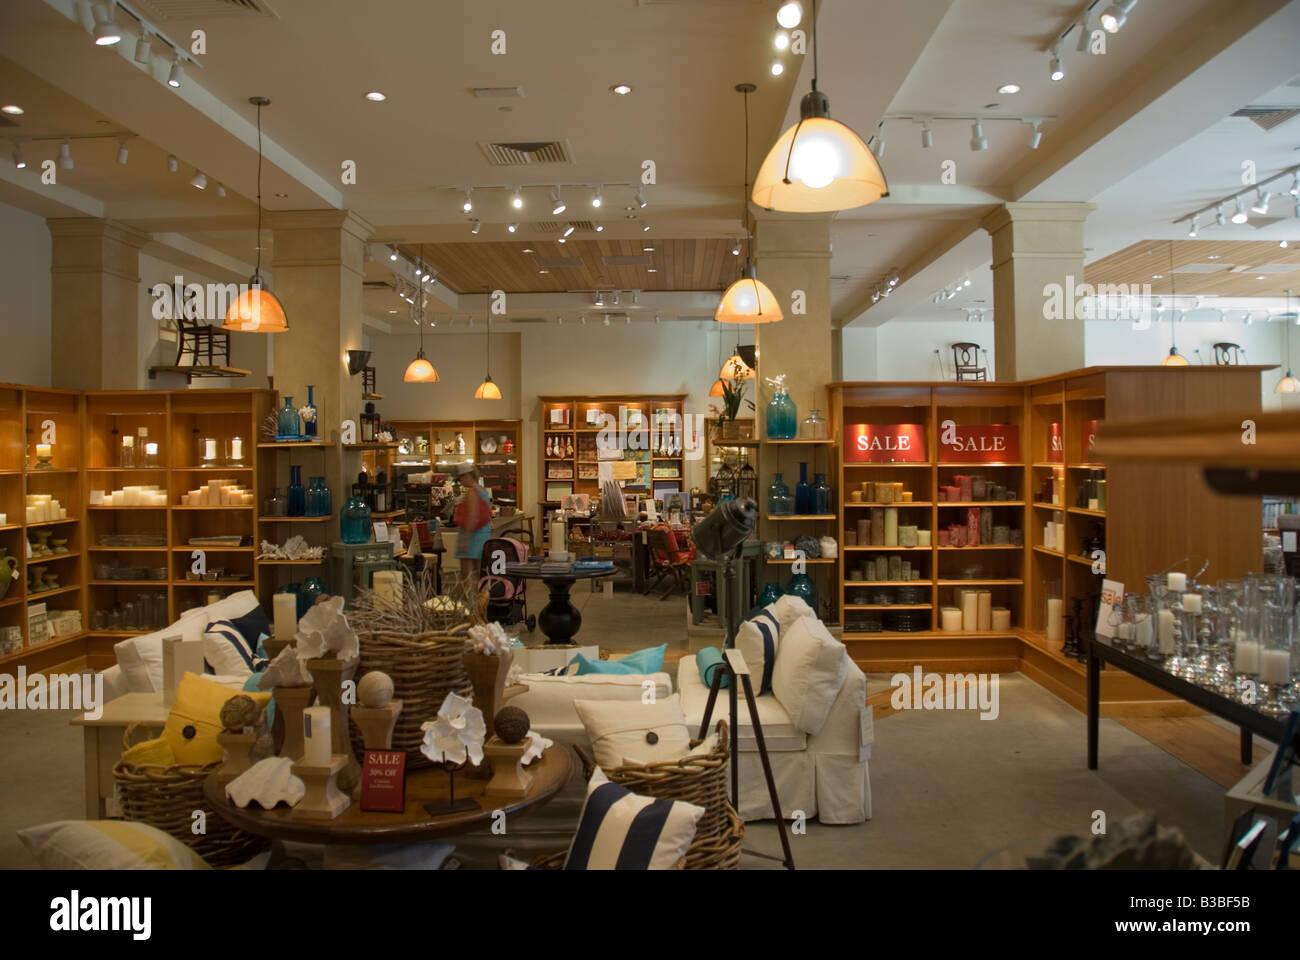 Pottery Barn Store Interior Stock Photos & Pottery Barn ...